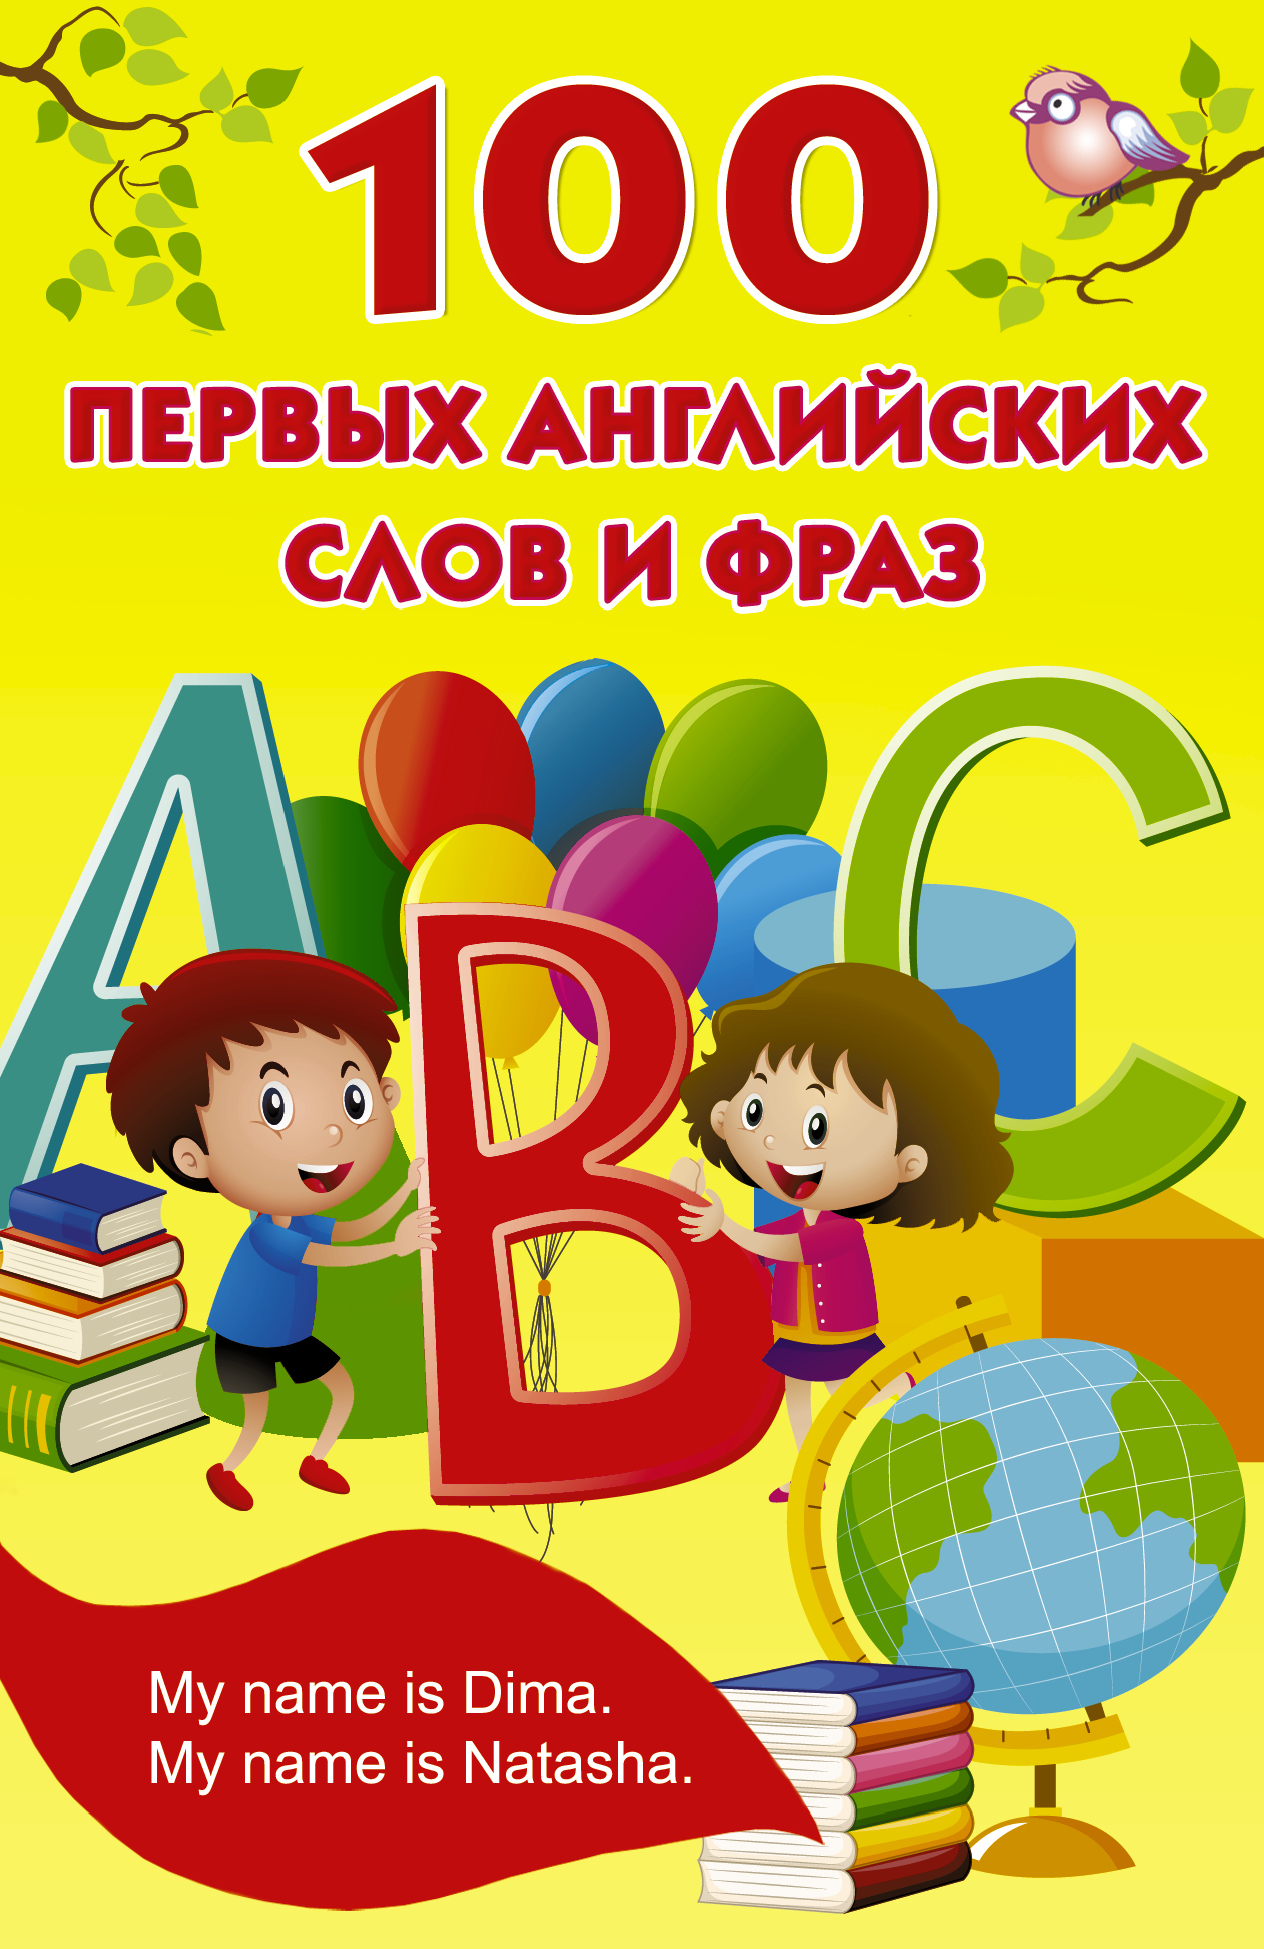 Дмитриева В.Г. 100 первых английских слов и фраз